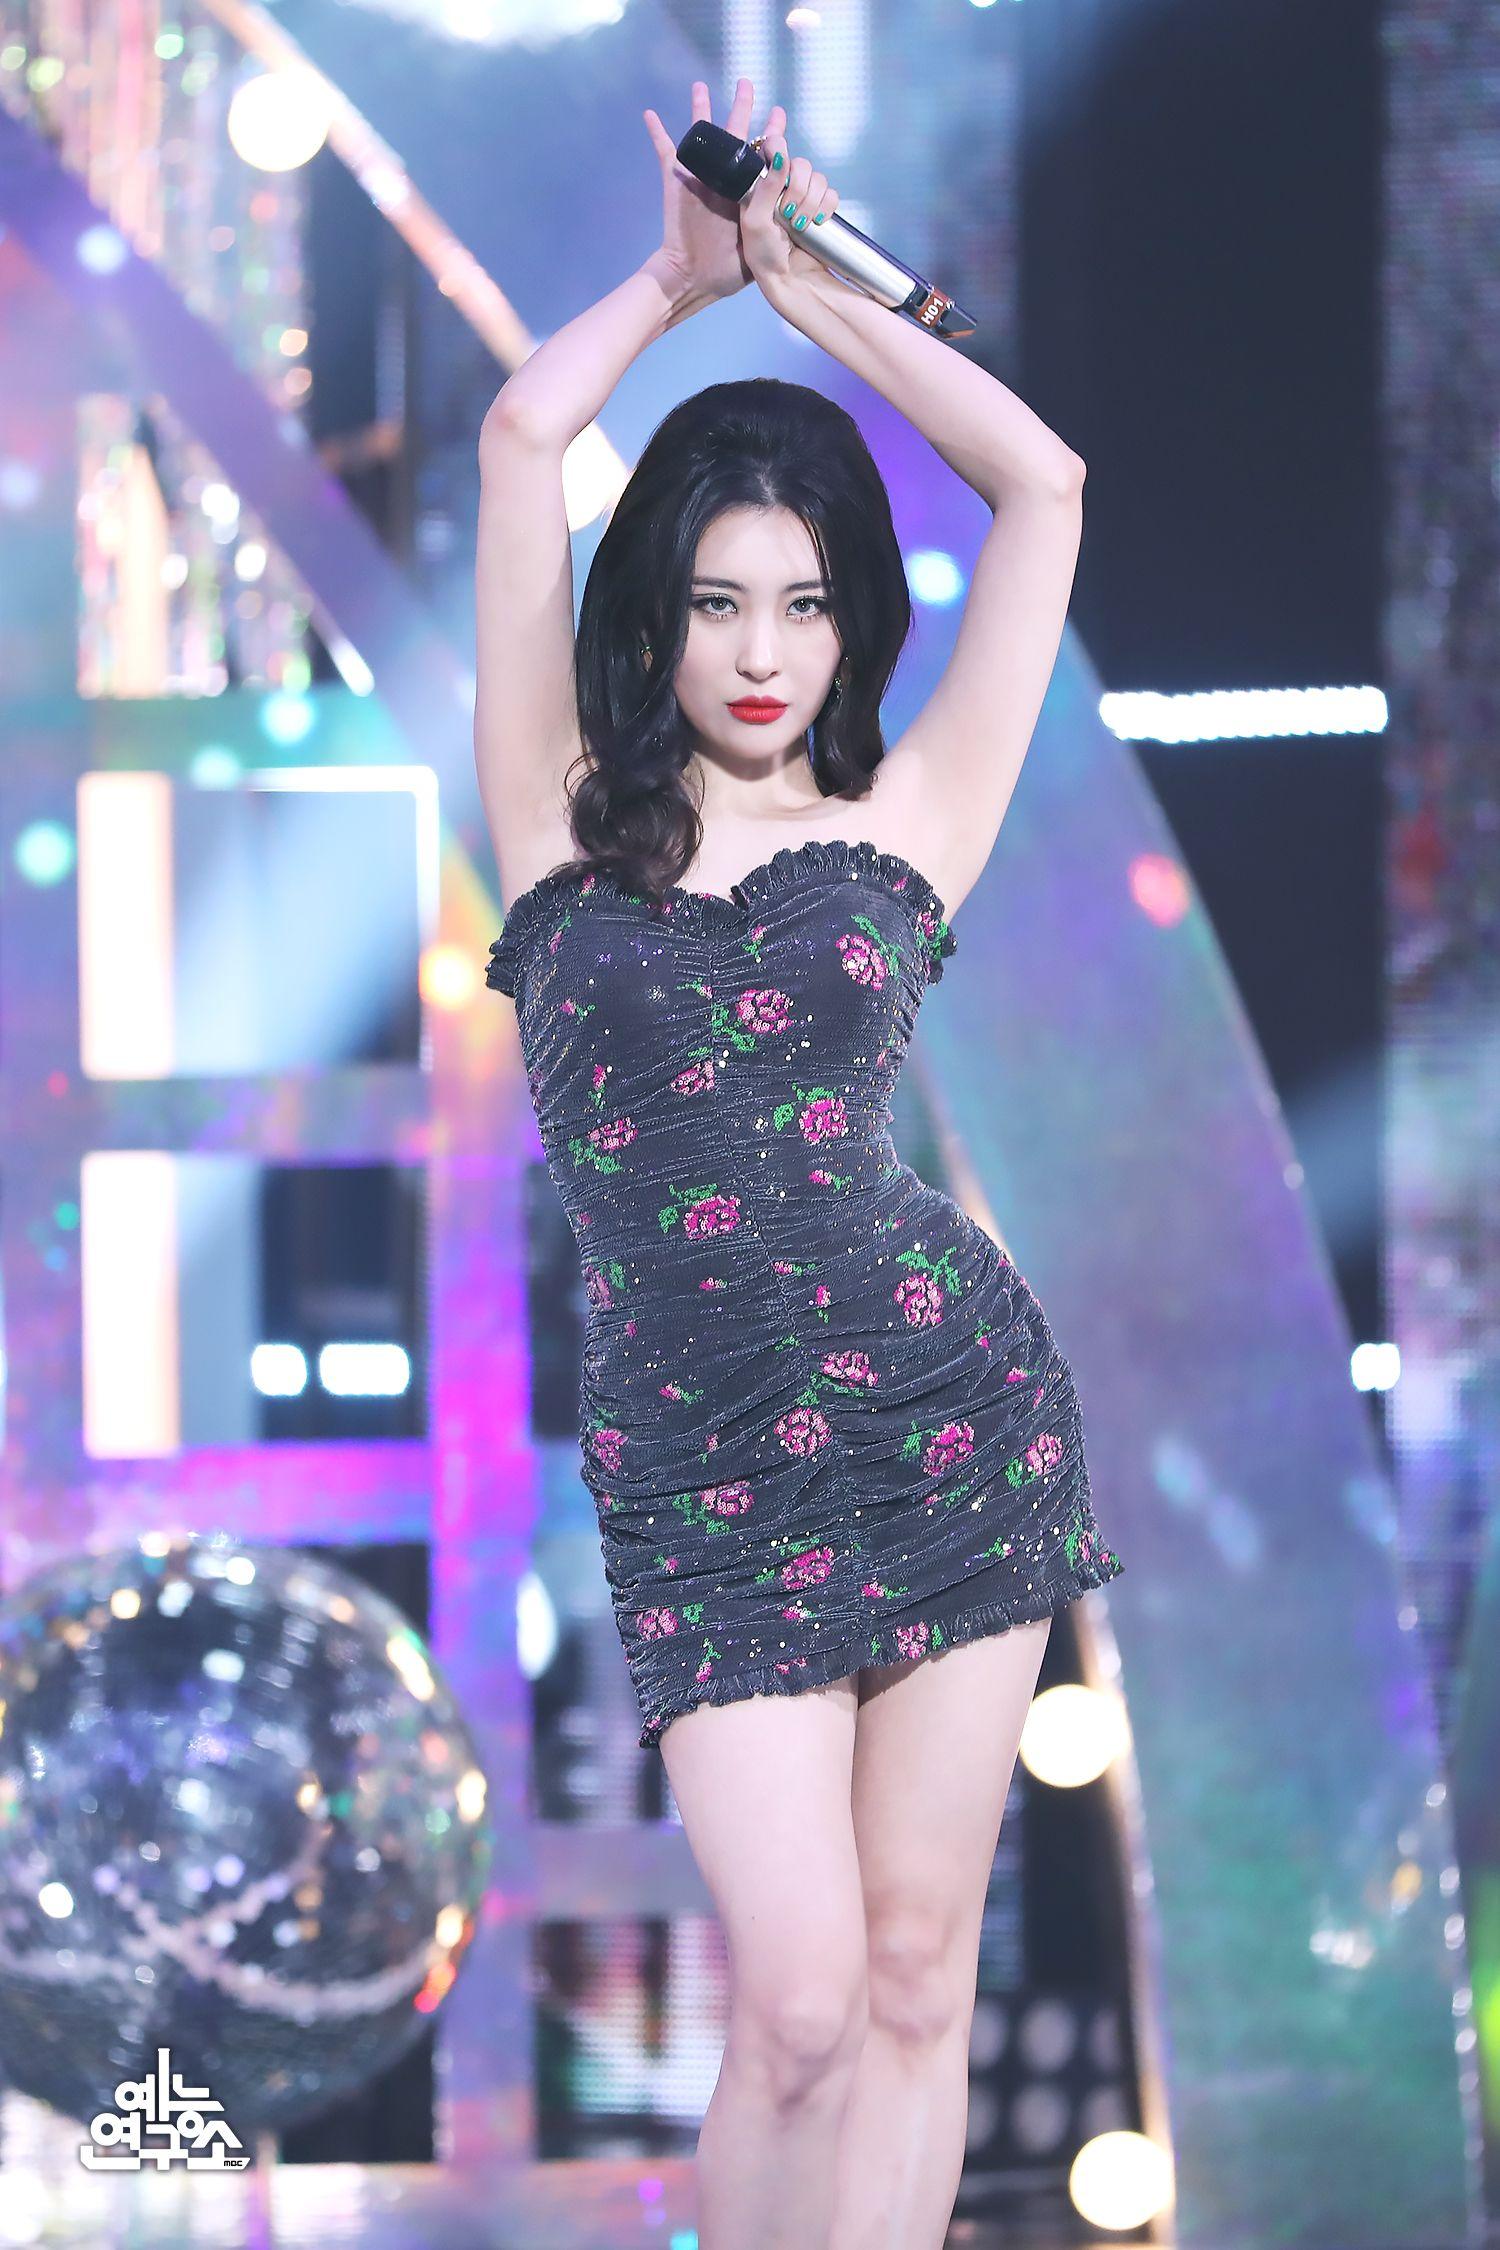 """Chế váy gốc đẹp bình thường thành siêu cấp lồng lộn, stylist giúp Rosé thắng nhẹ """"nữ hoàng solo Kpop"""" khi đụng hàng - Ảnh 4."""